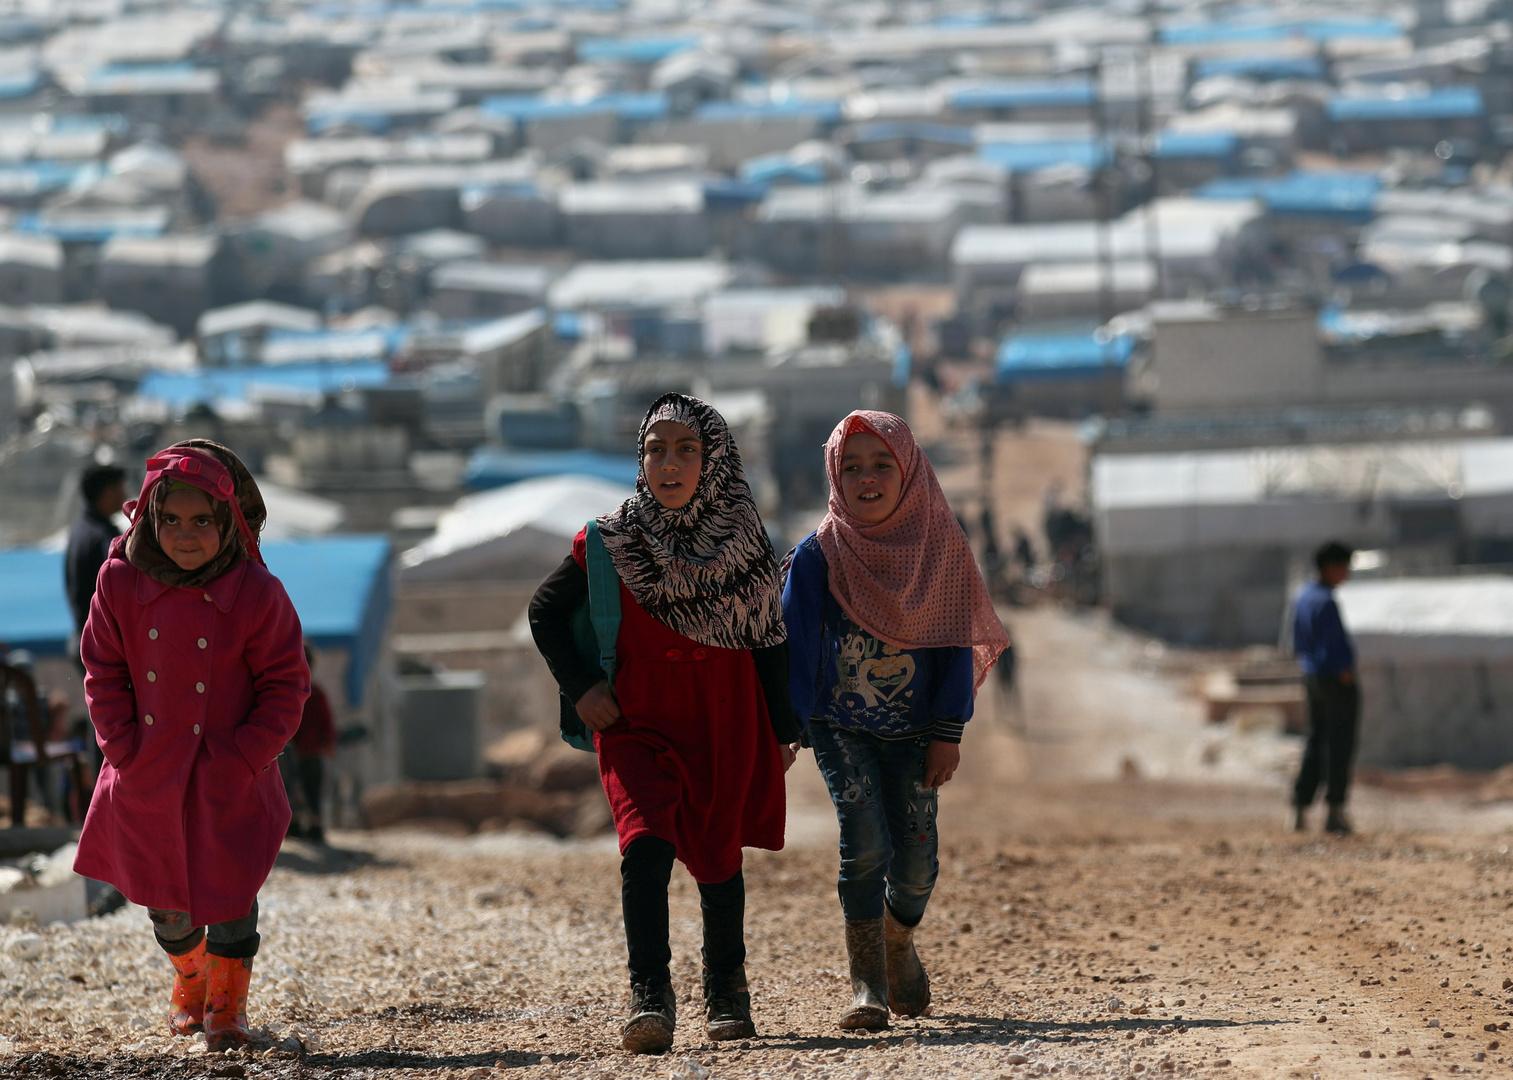 مخيم العتمة للاجئين السوريين بالقرب من الحدود السورية التركية